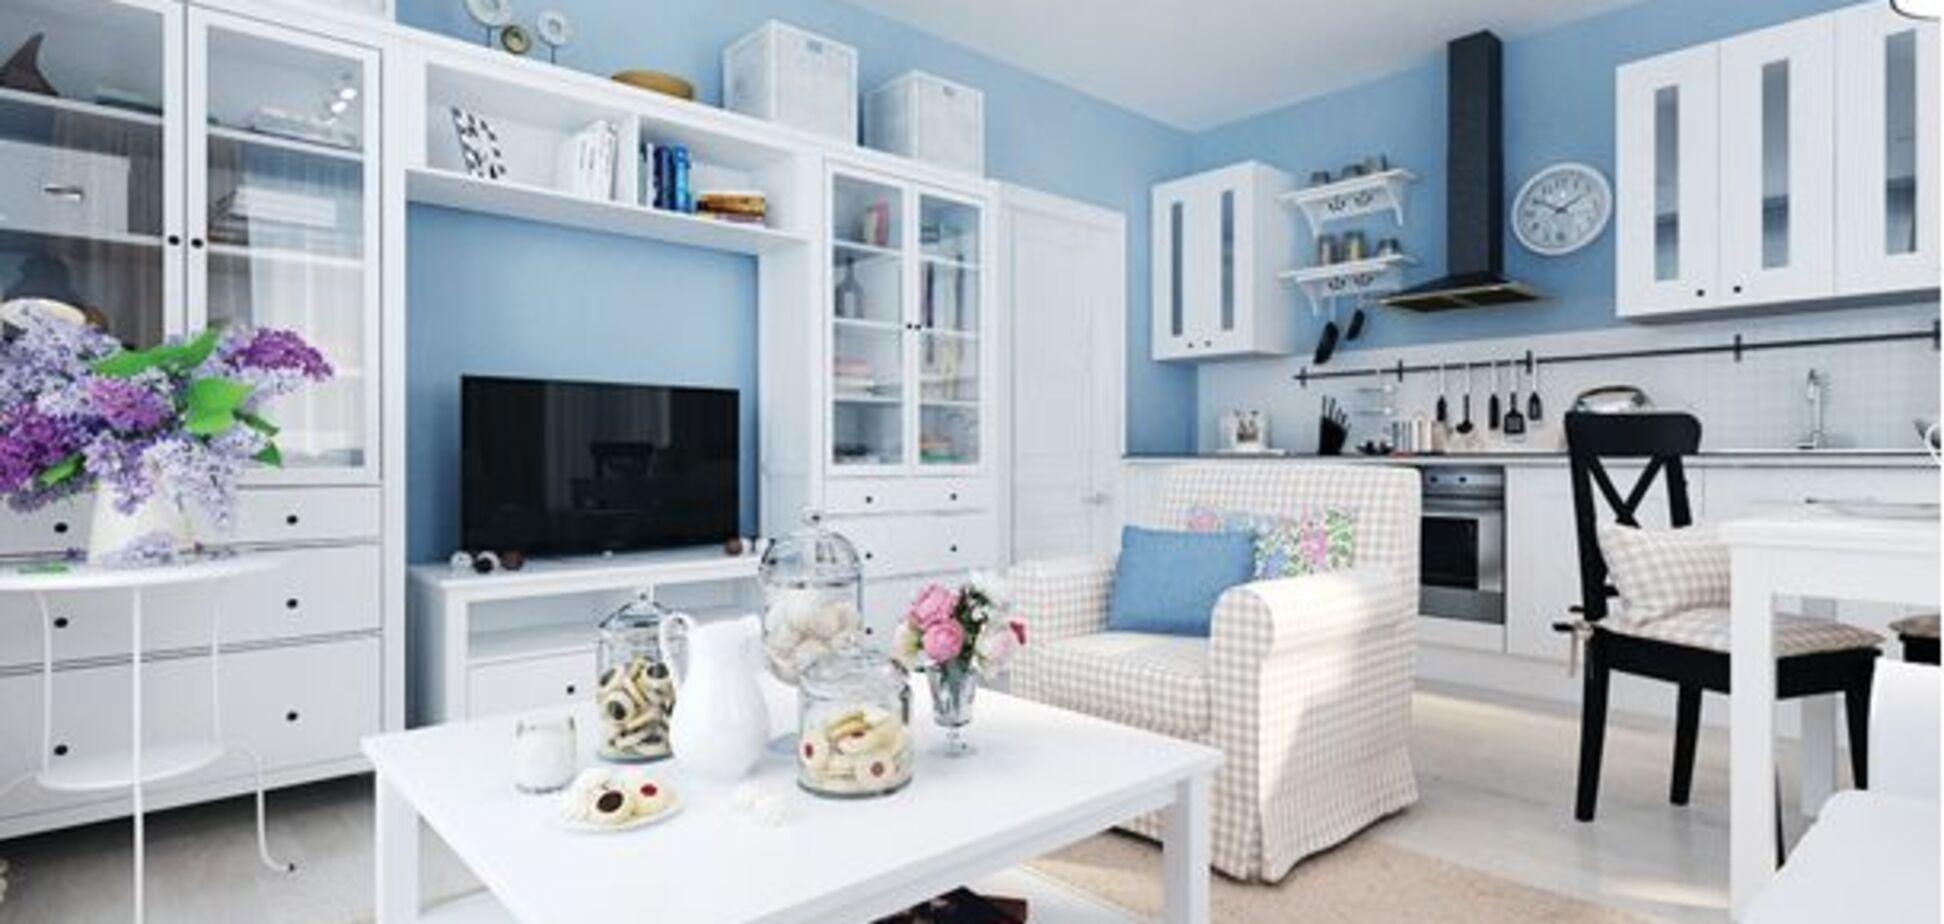 Дешевле чем аренда: как государство поможет украинцам купить квартиру